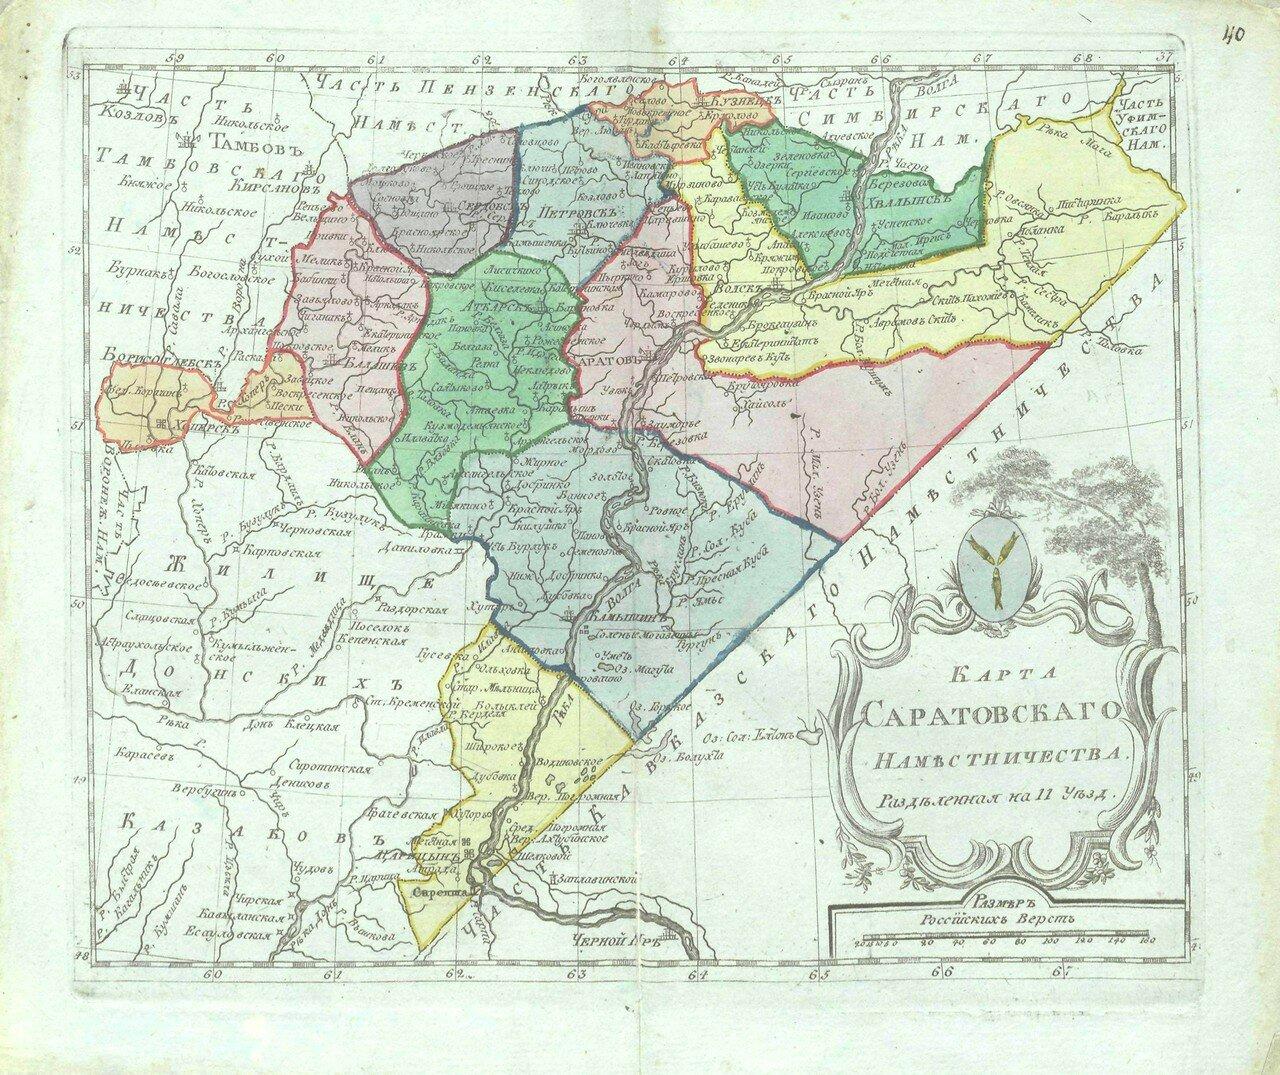 42. Карта Саратовского наместничества